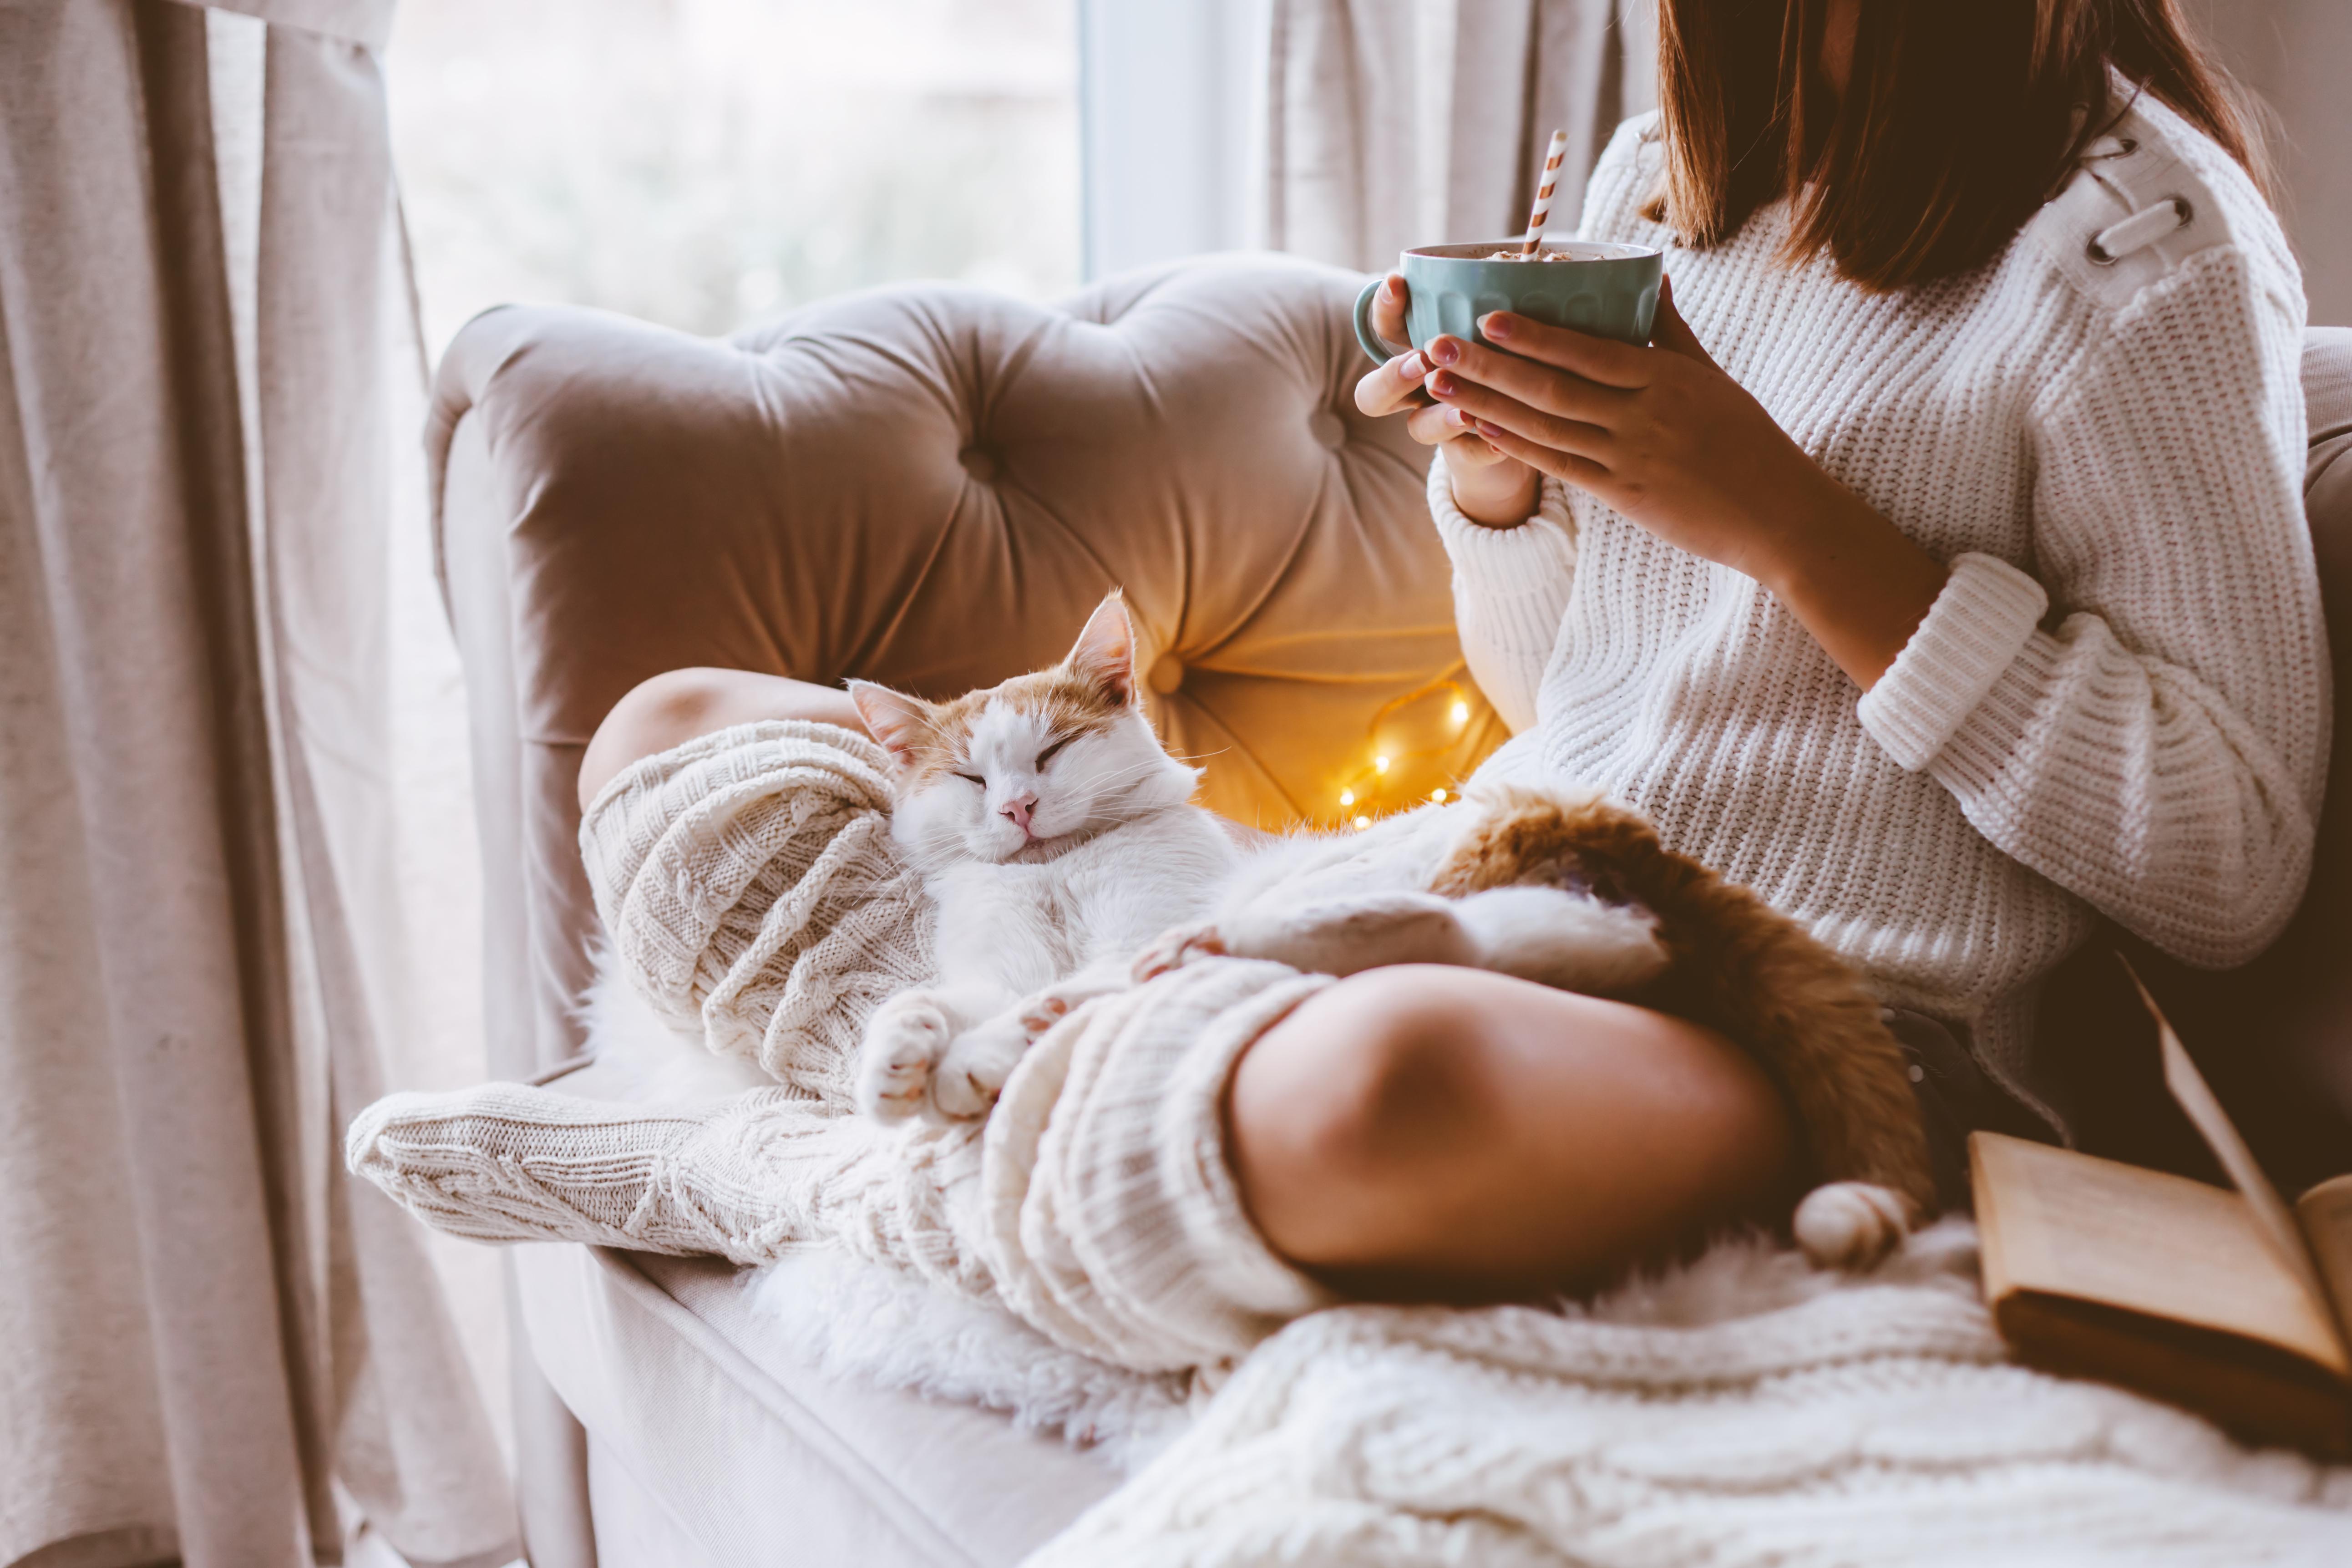 Femme dans sa maison isolée en hiver dans un environnement confortable